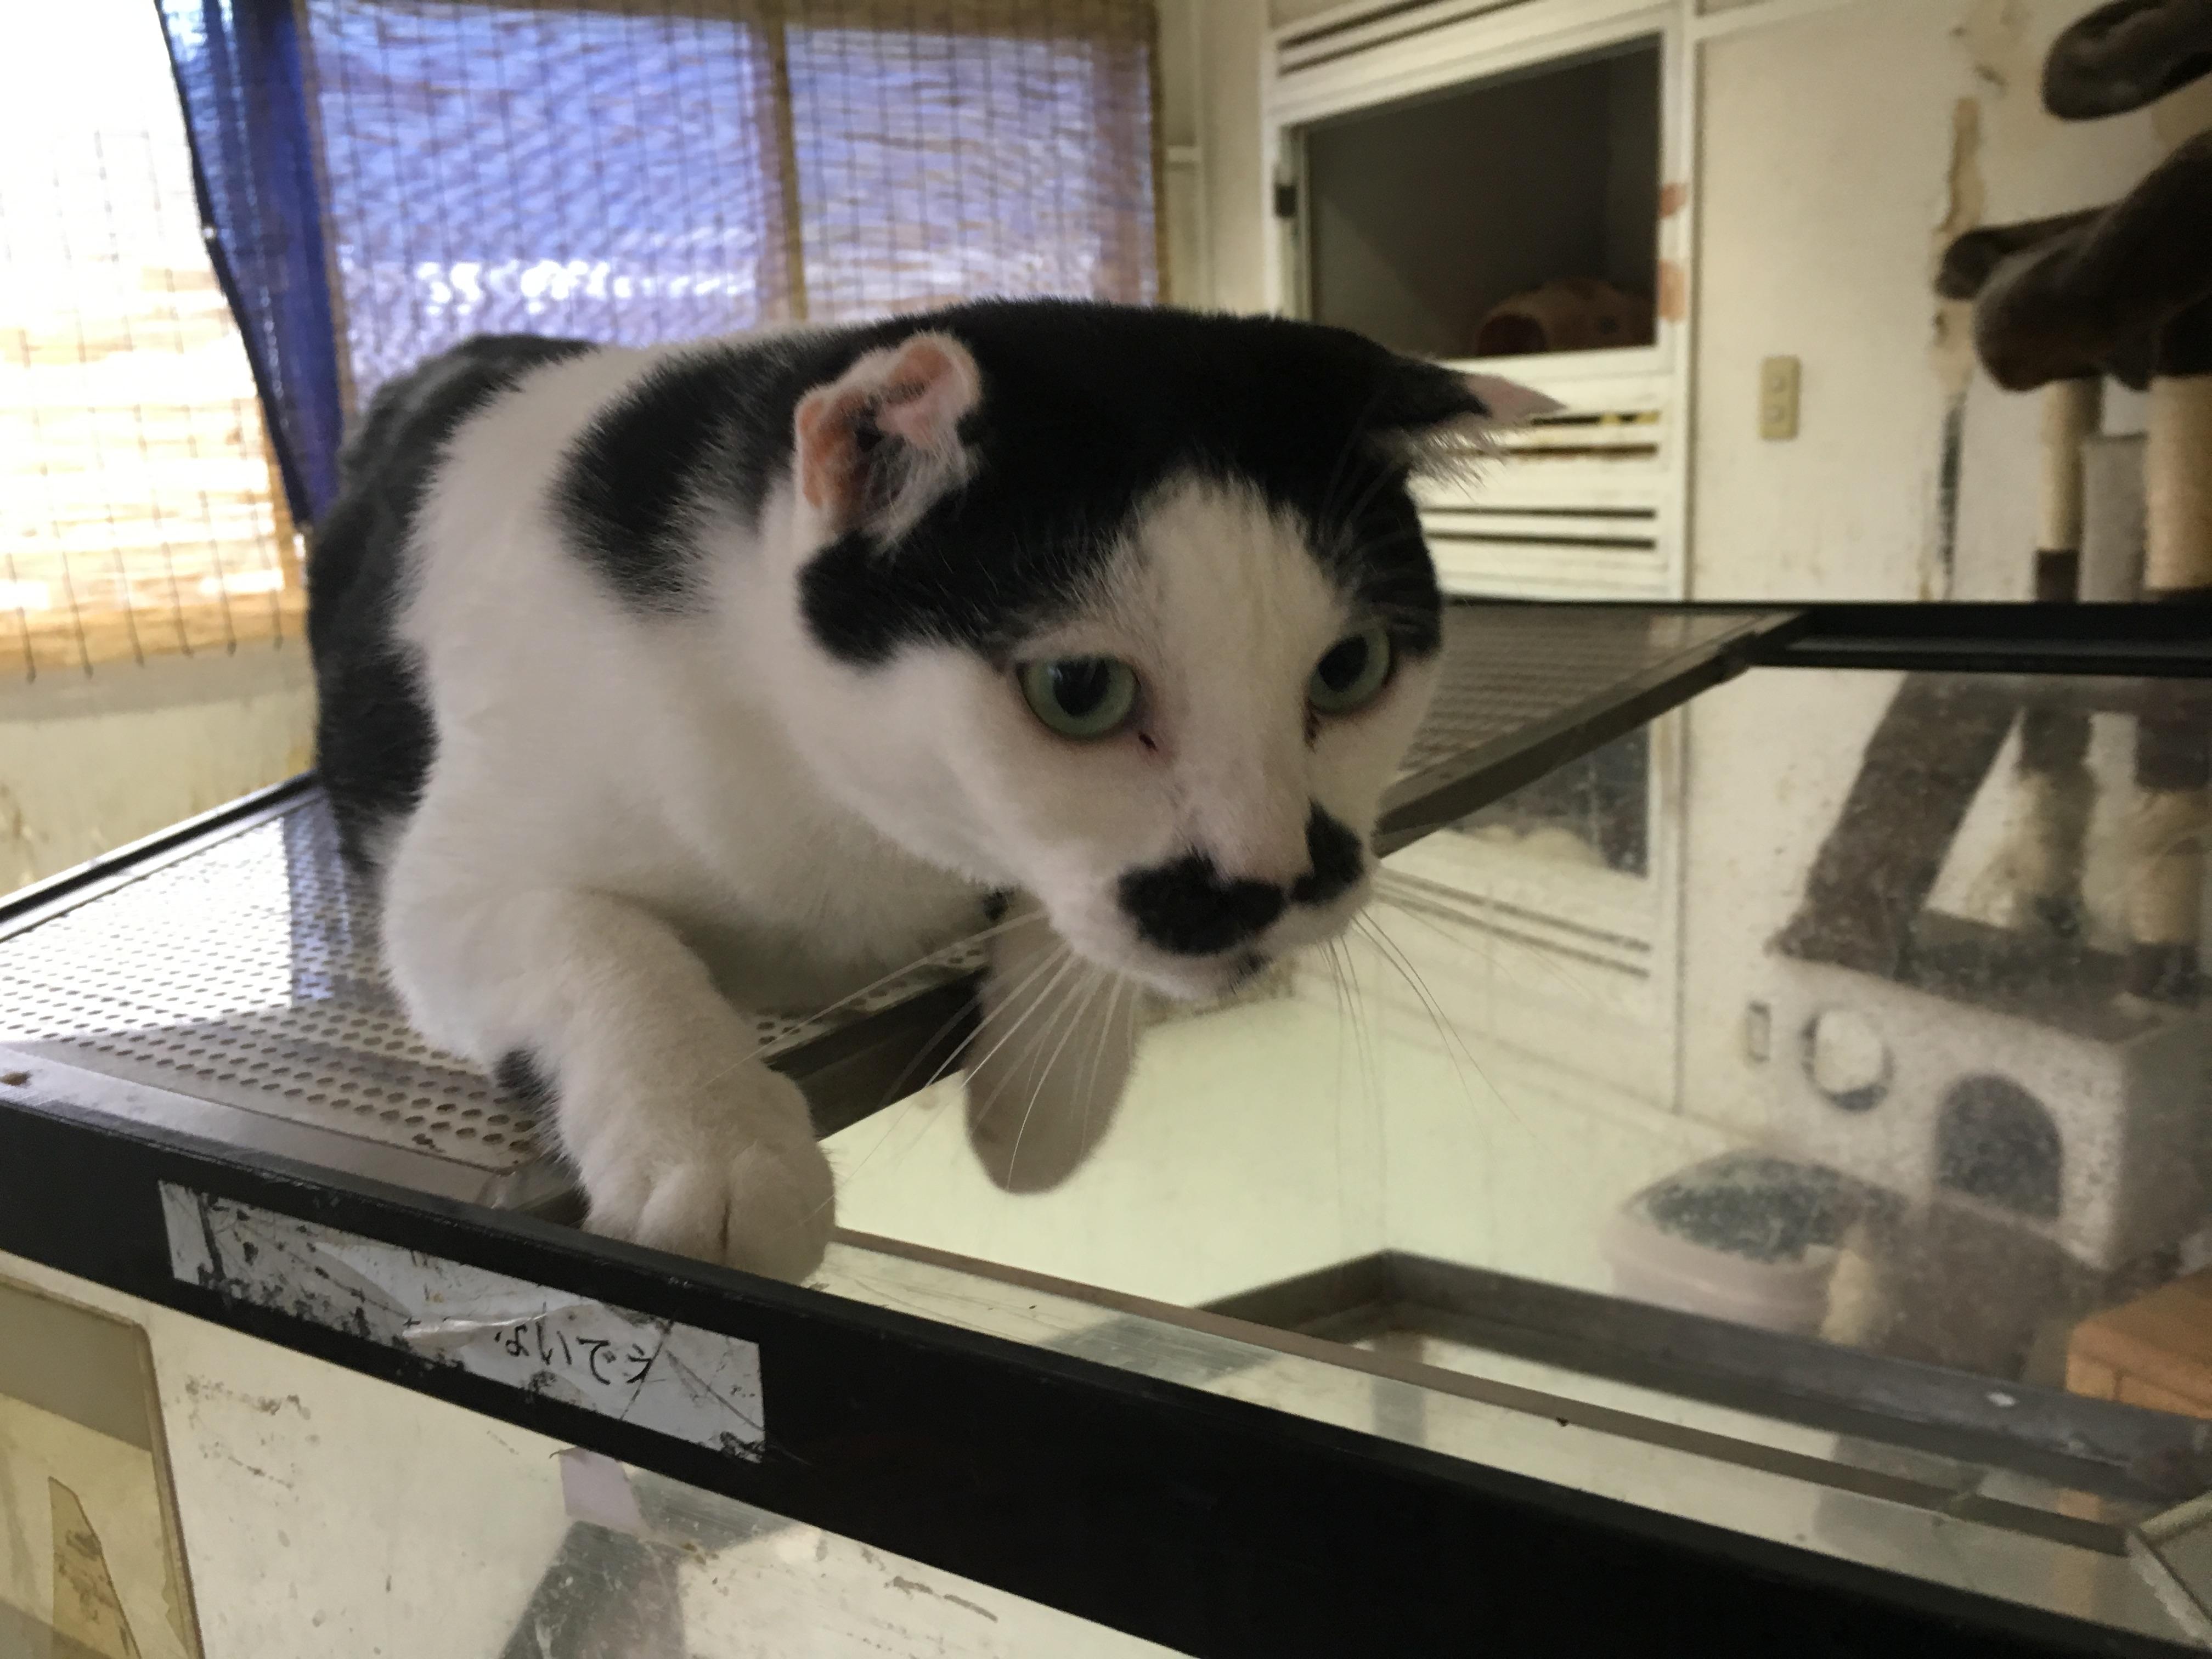 <ul> <li>7-15</li> <li>猫種:日本猫 白黒</li> <li>性別:男の子</li> <li>名前:</li> <li>年齢:8才</li> <li>保護経緯:自宅付近で保護したとのことで連れてこられました</li> <li>その他:去勢済み</li> </ul>